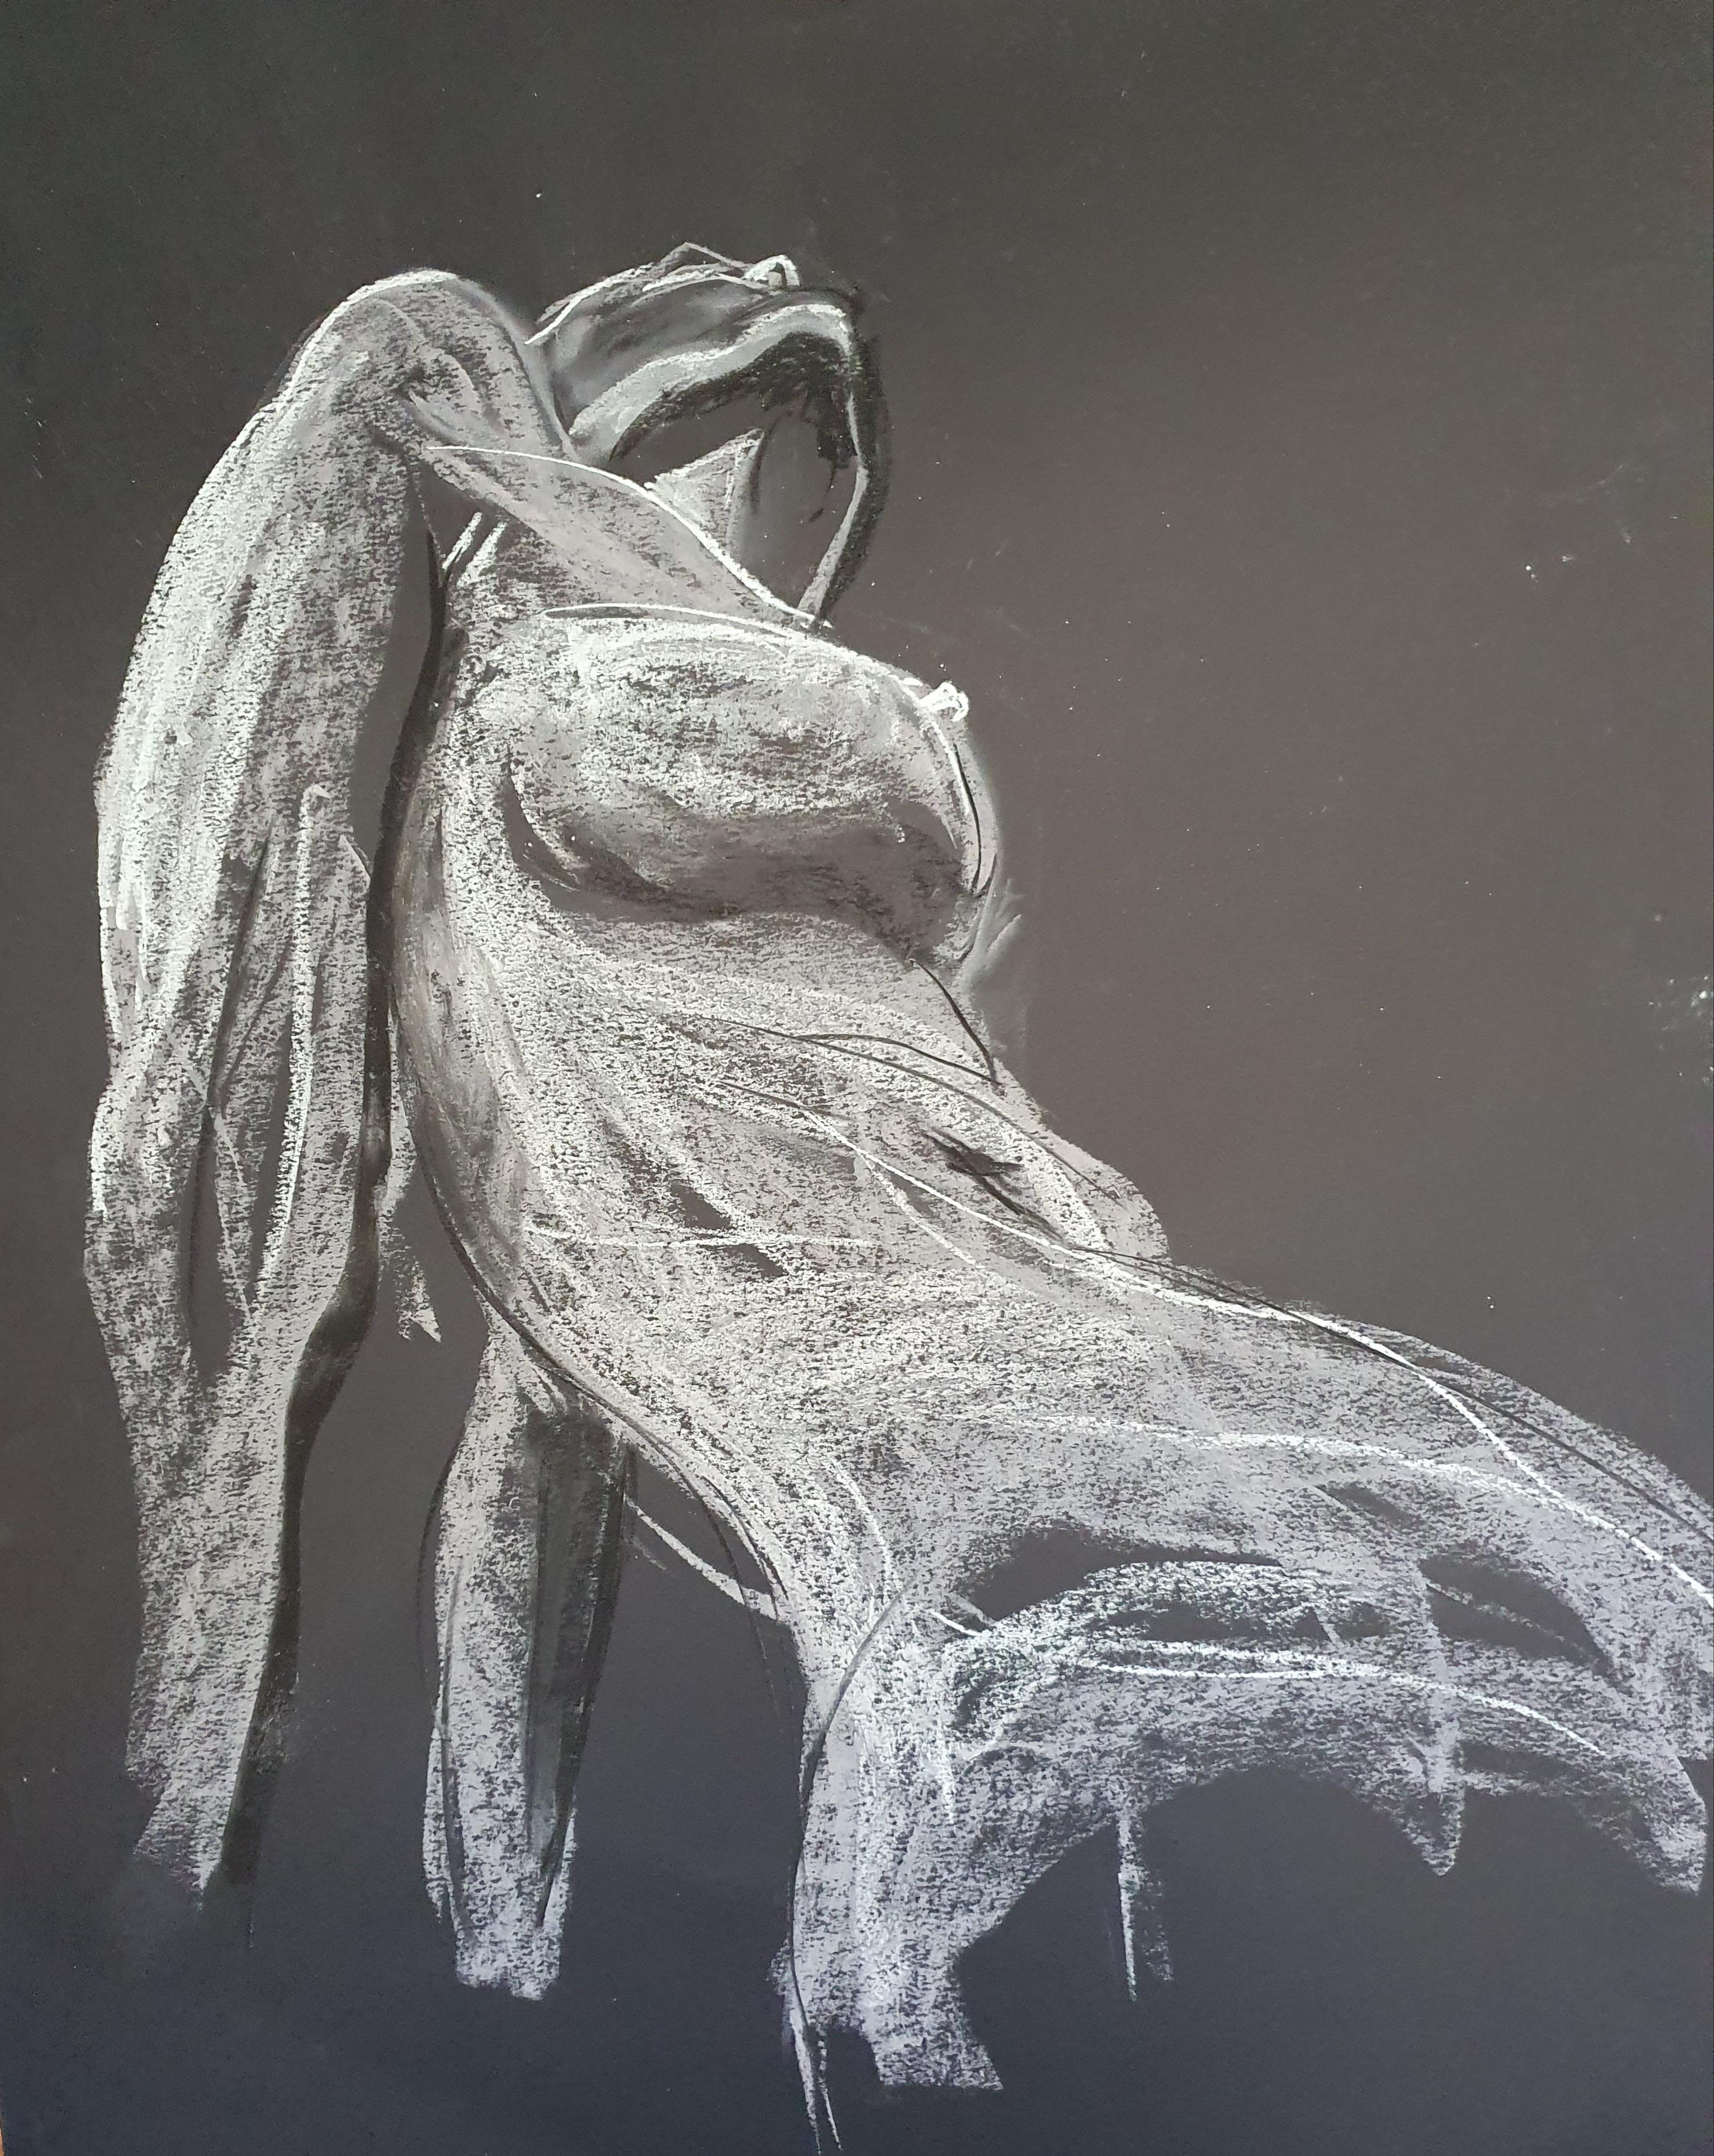 Pastel blanc et noir sur papier gris corps en  contre-plongées  cours de dessin